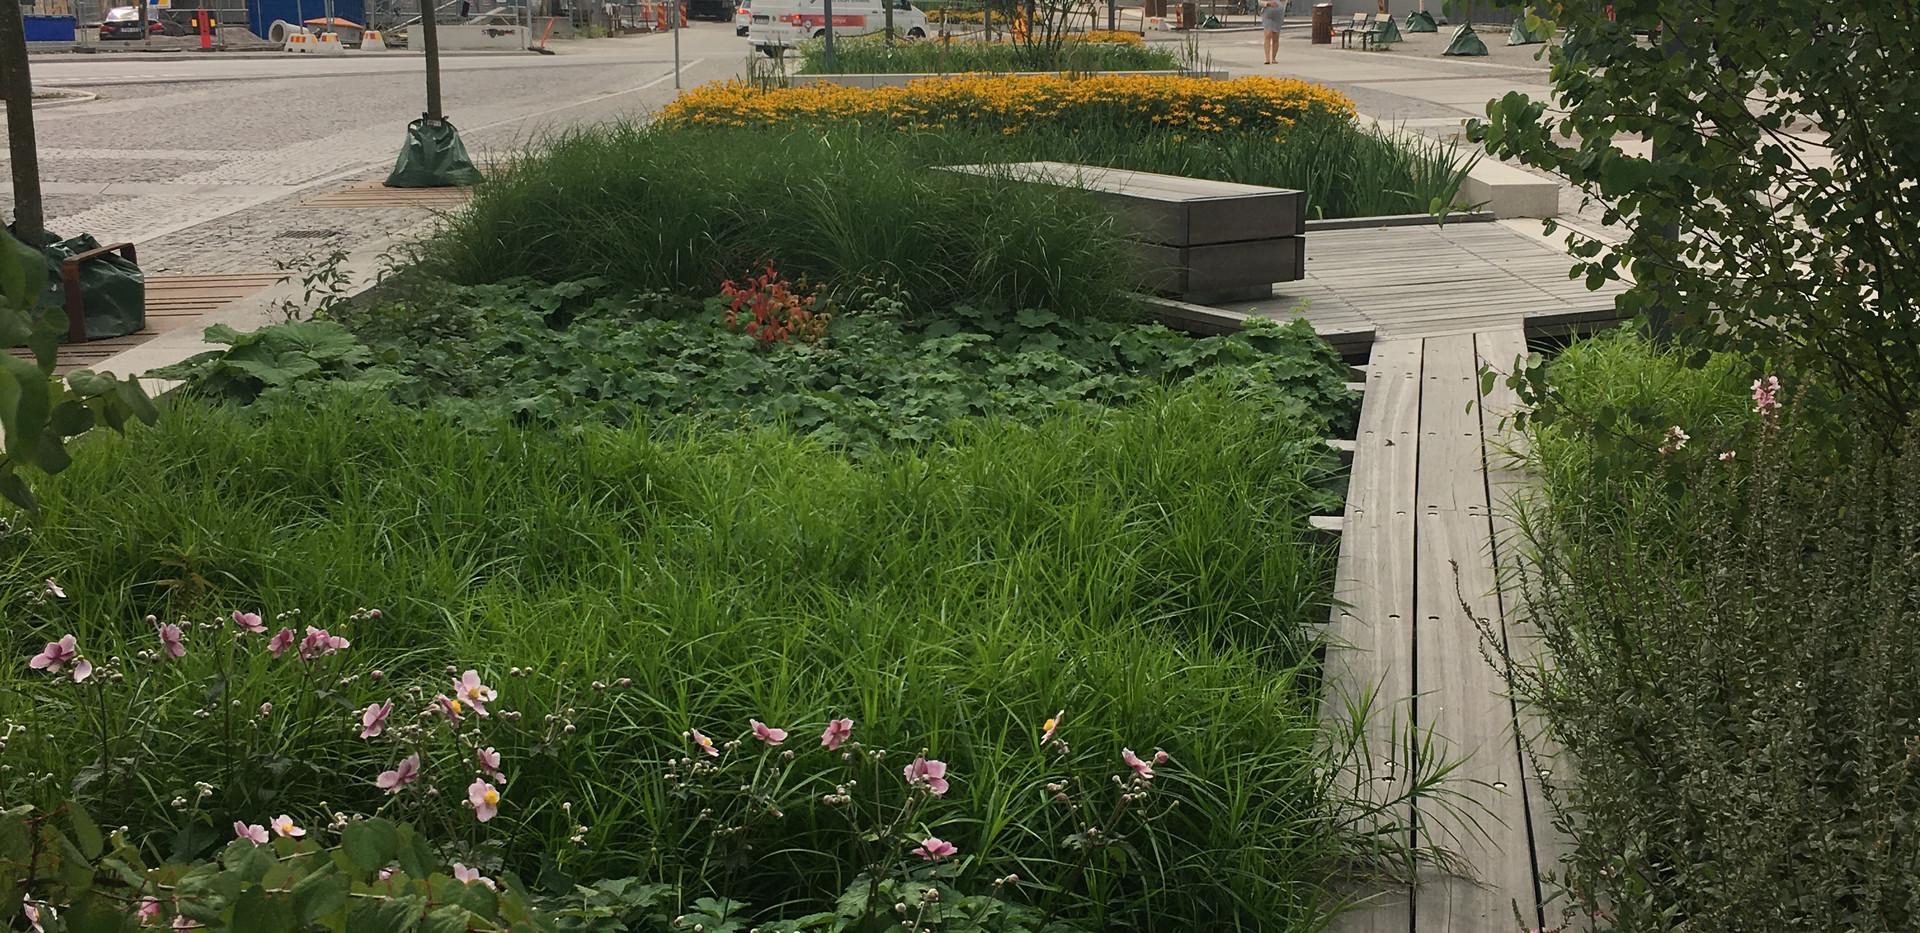 Plantering_Norra_Djurgårdsstaden(1).jpe